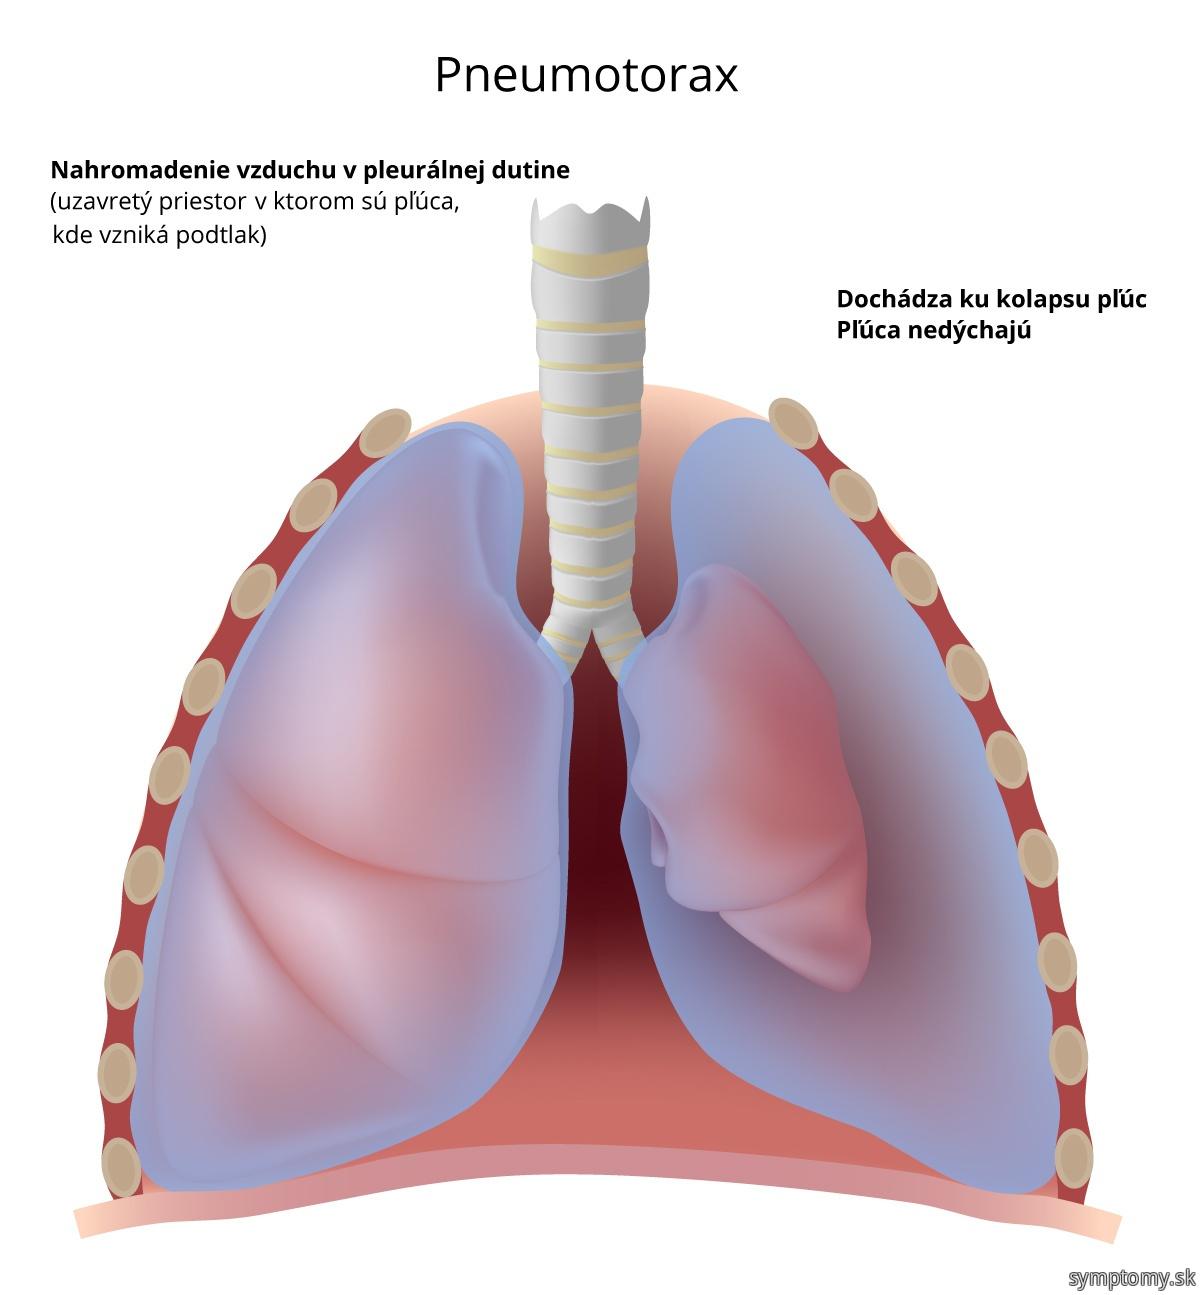 Pneumotorax---nahromadenie-vzduchu-v-pleurálnej-dutine